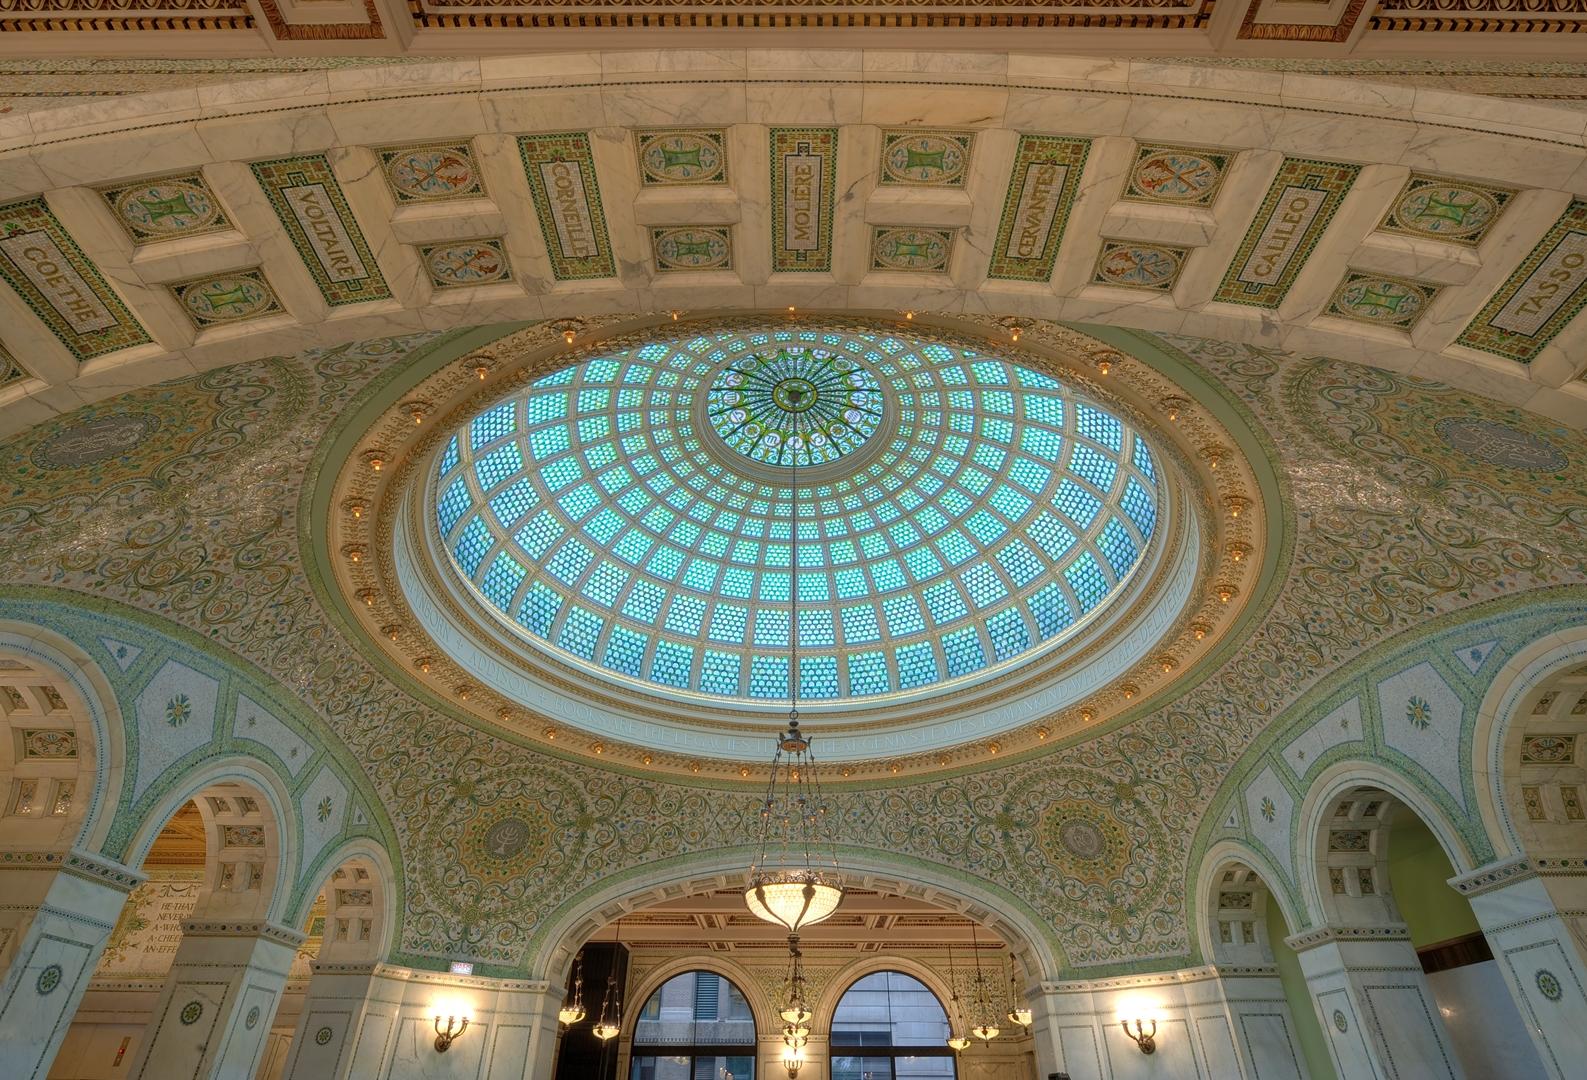 ChicagoCulturalCenter_CourtesyChicagoArchitectureBiennial_2017 HR 3 (Copy)